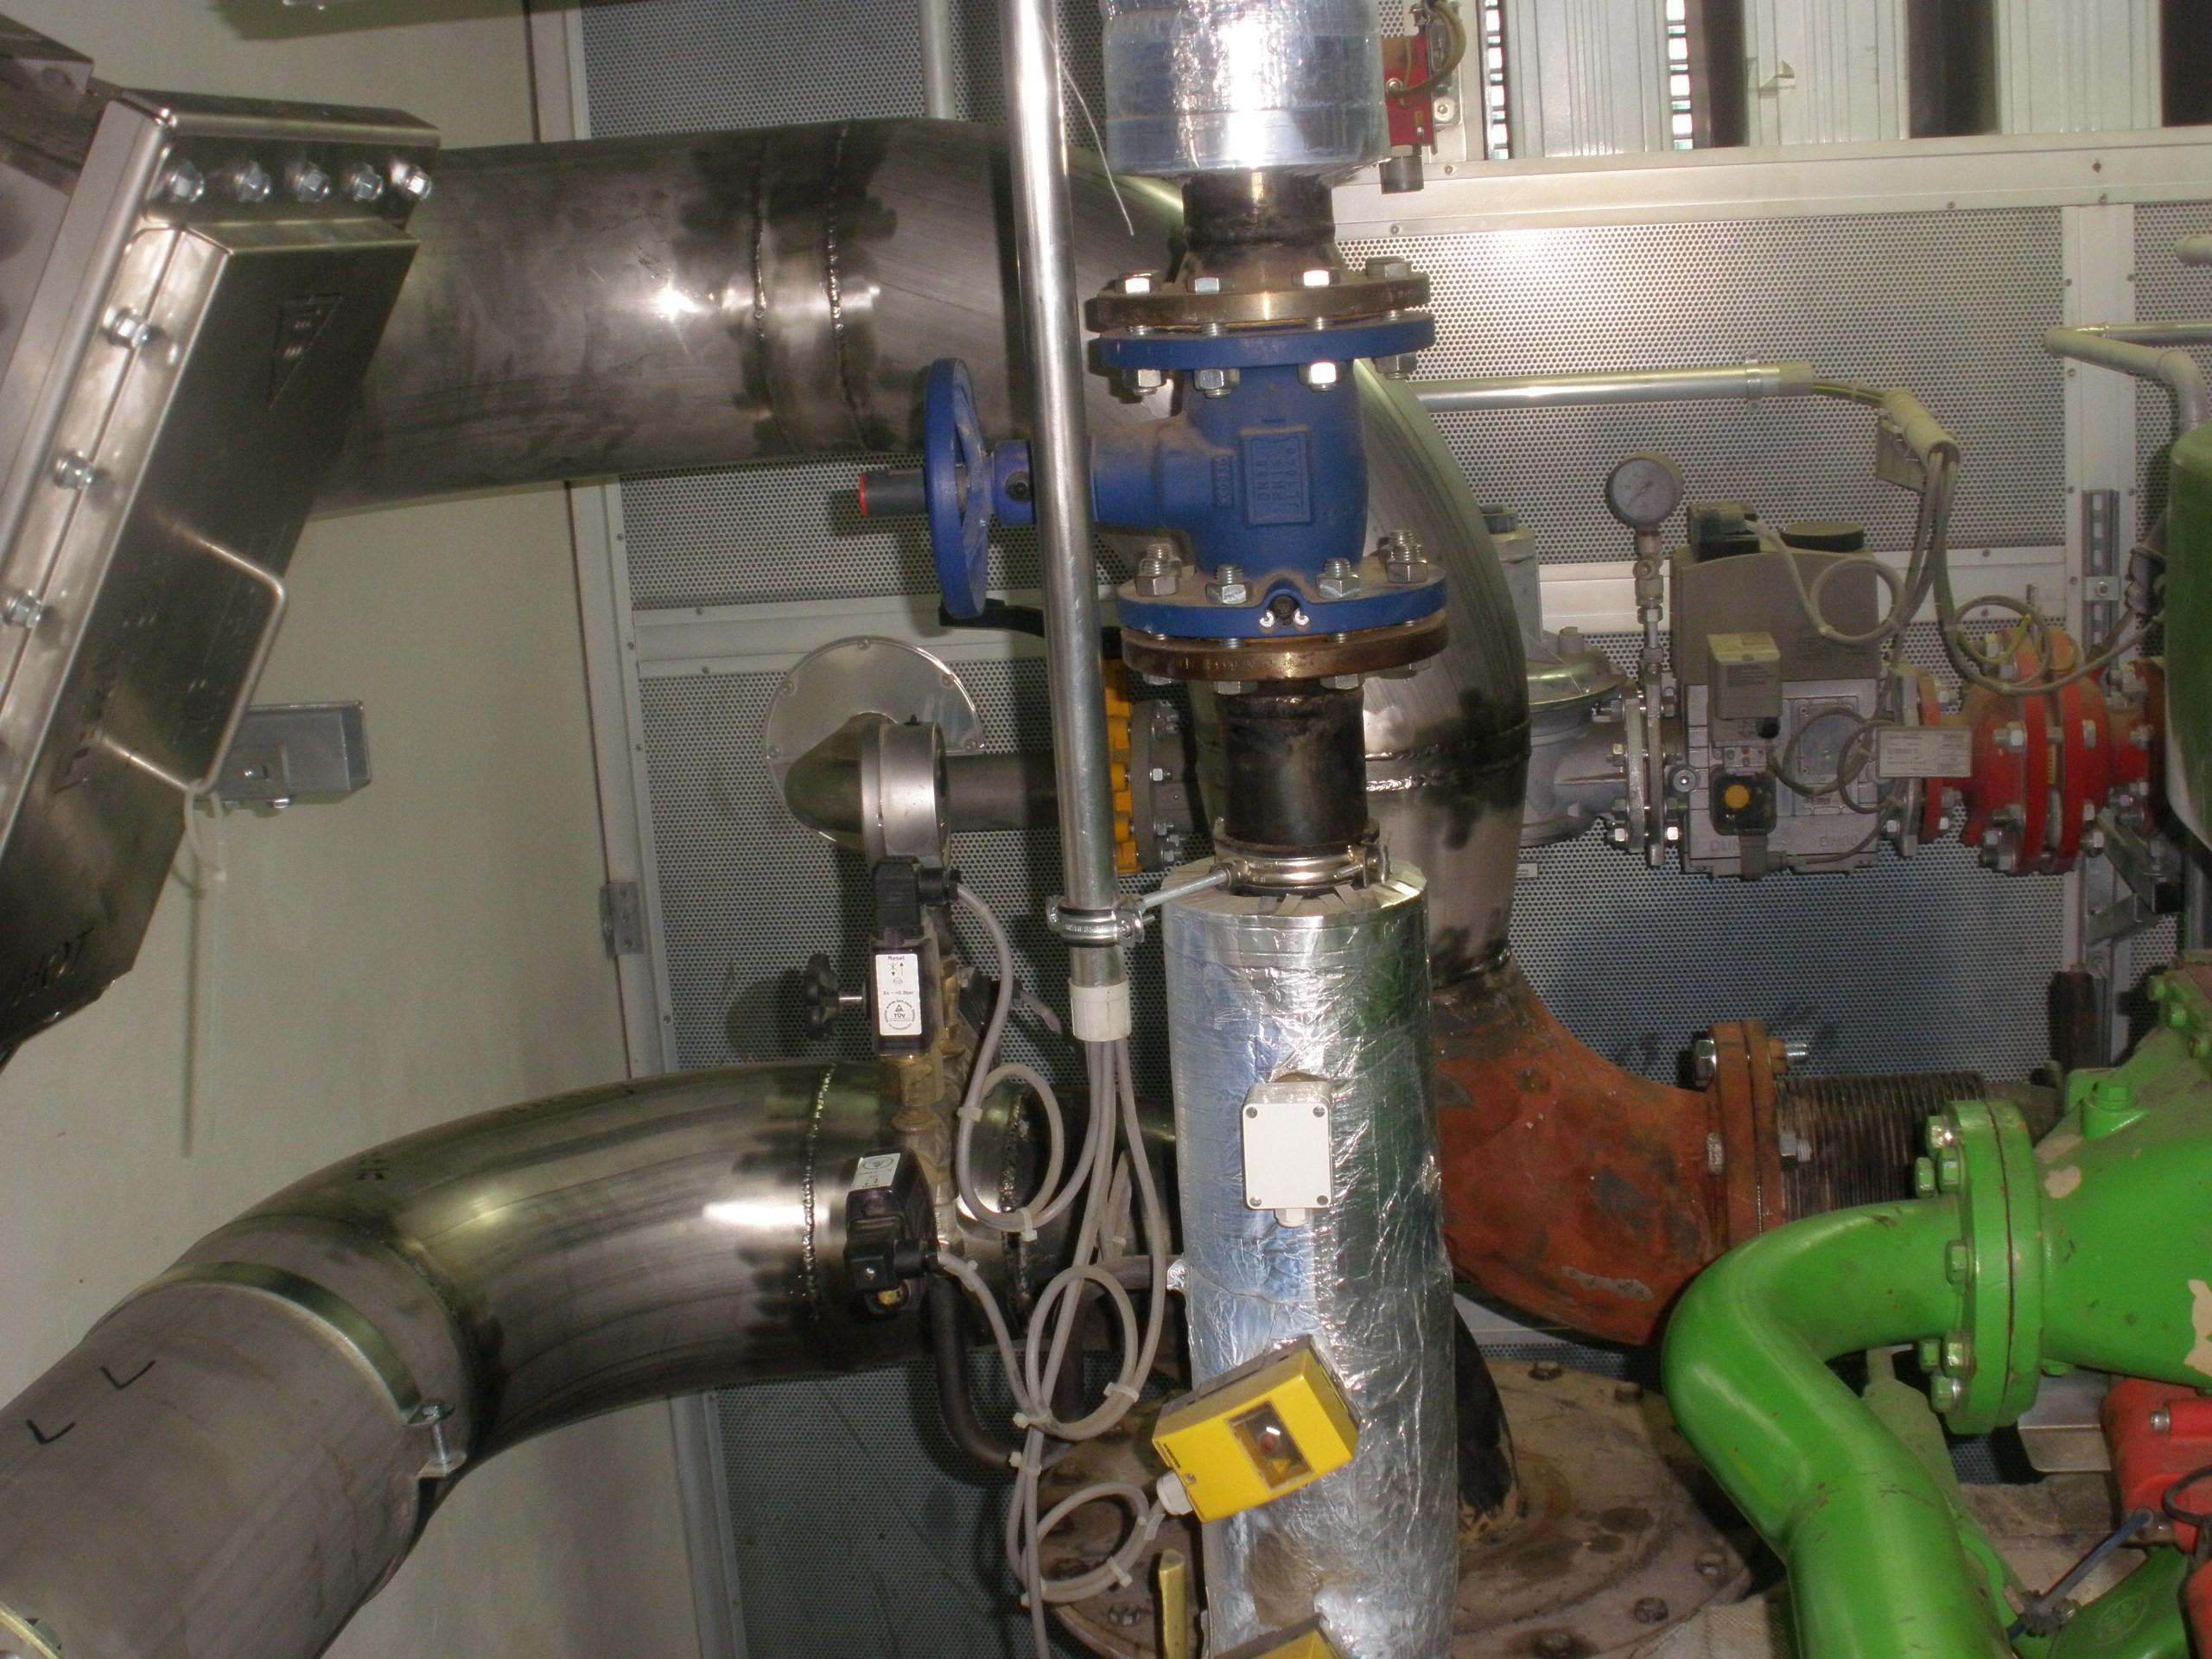 Zhotovení bypassu přímo na bioplynové stanici